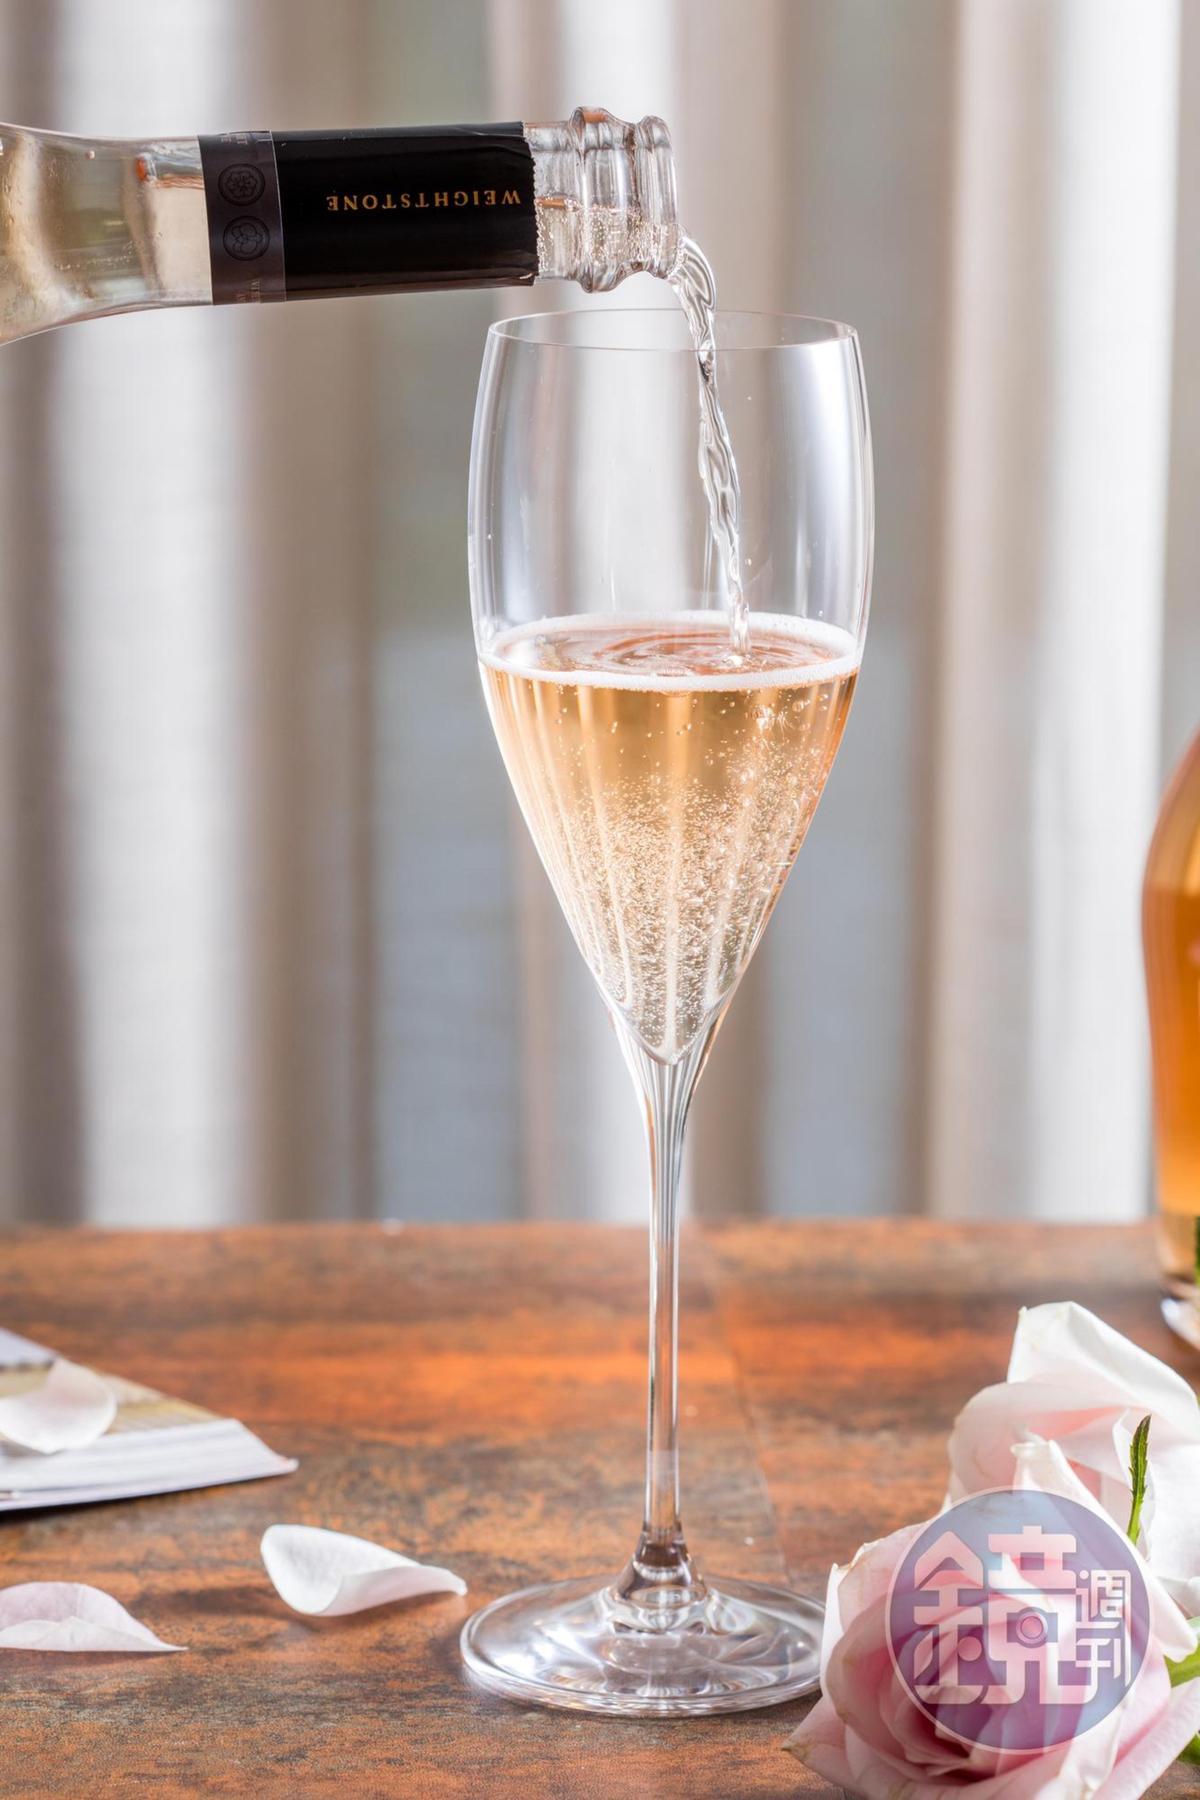 香檳杯底有電射切割點,讓氣泡衝擊上升,可延長氣泡酒活力達40分鐘以上。